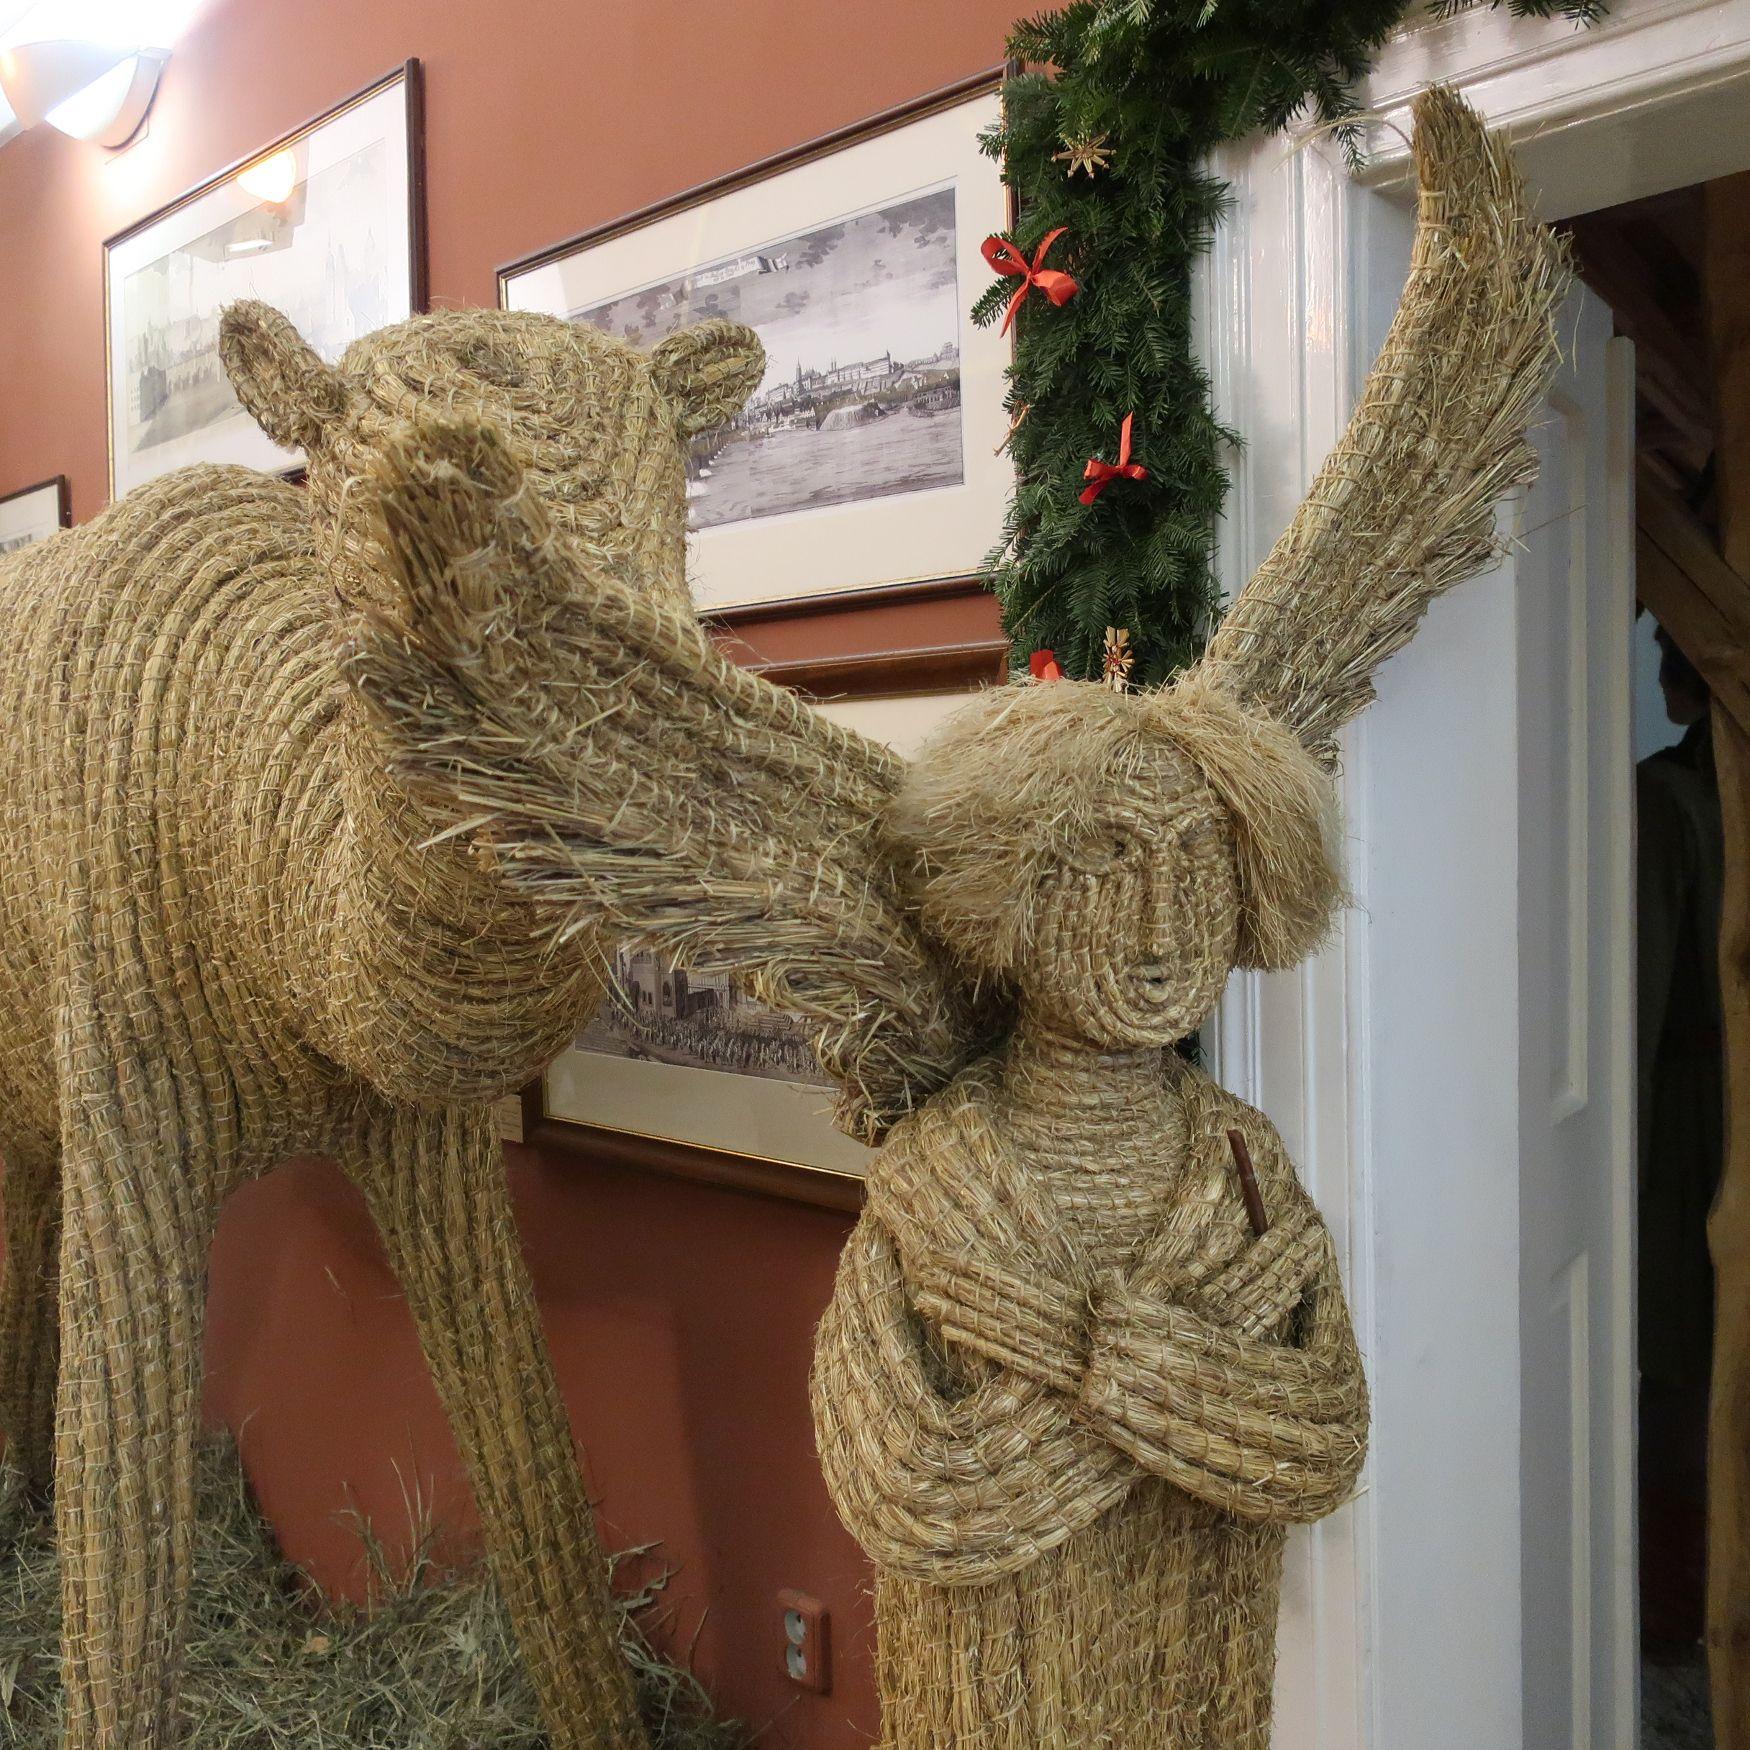 Warum Schmückt Man Den Weihnachtsbaum.Wie Der Weihnachtsbaum Nach Böhmen Kam Radio Prag